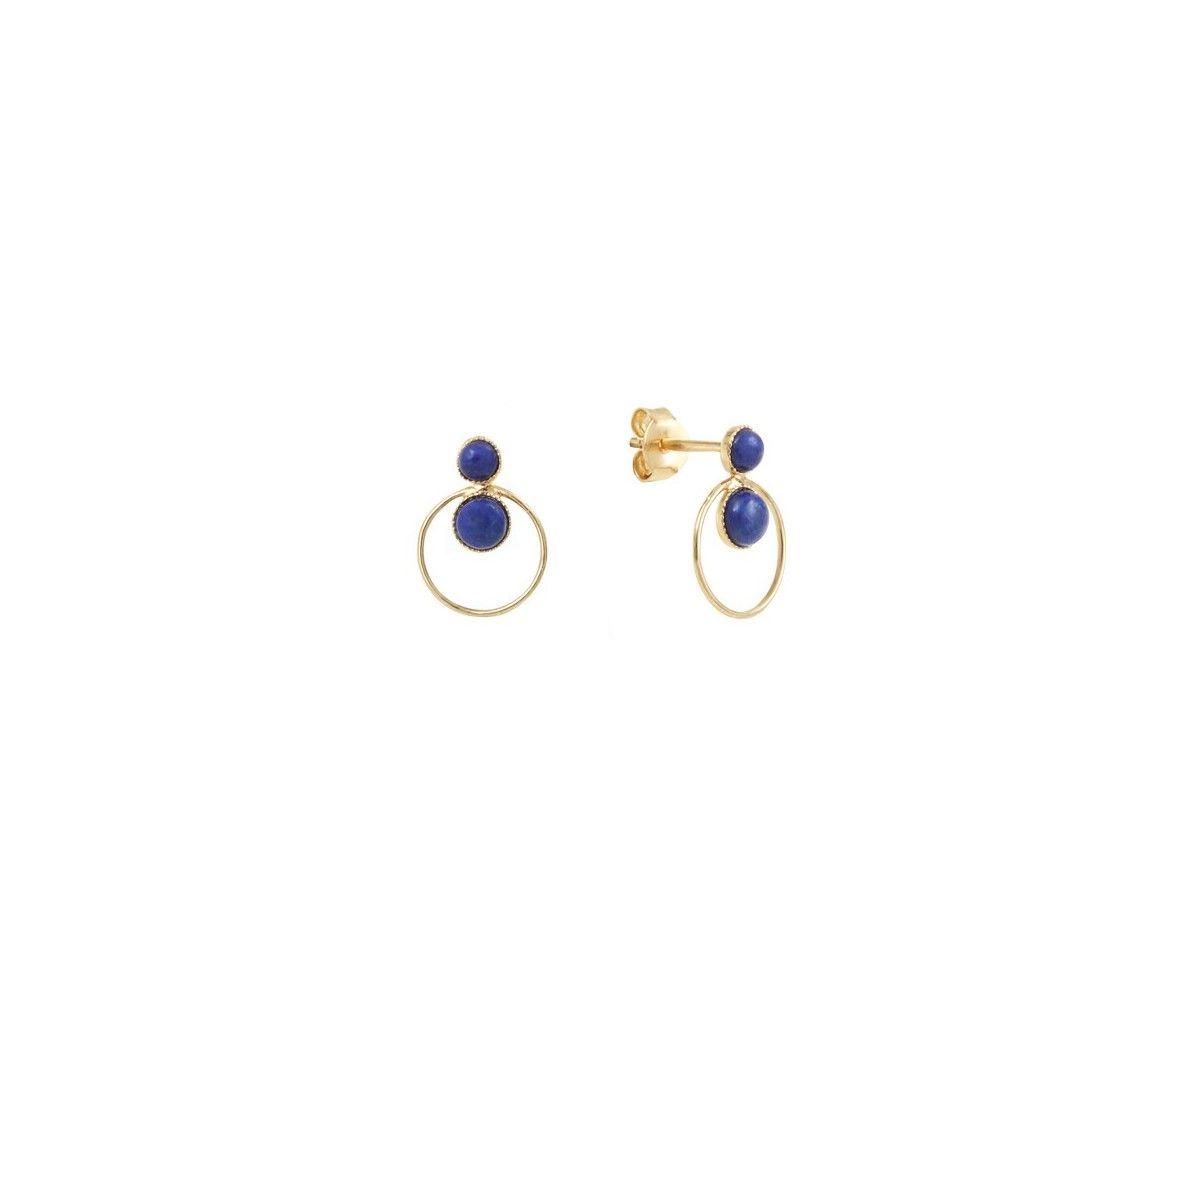 Boucles d'oreilles dorées lapis lazuli Sunset